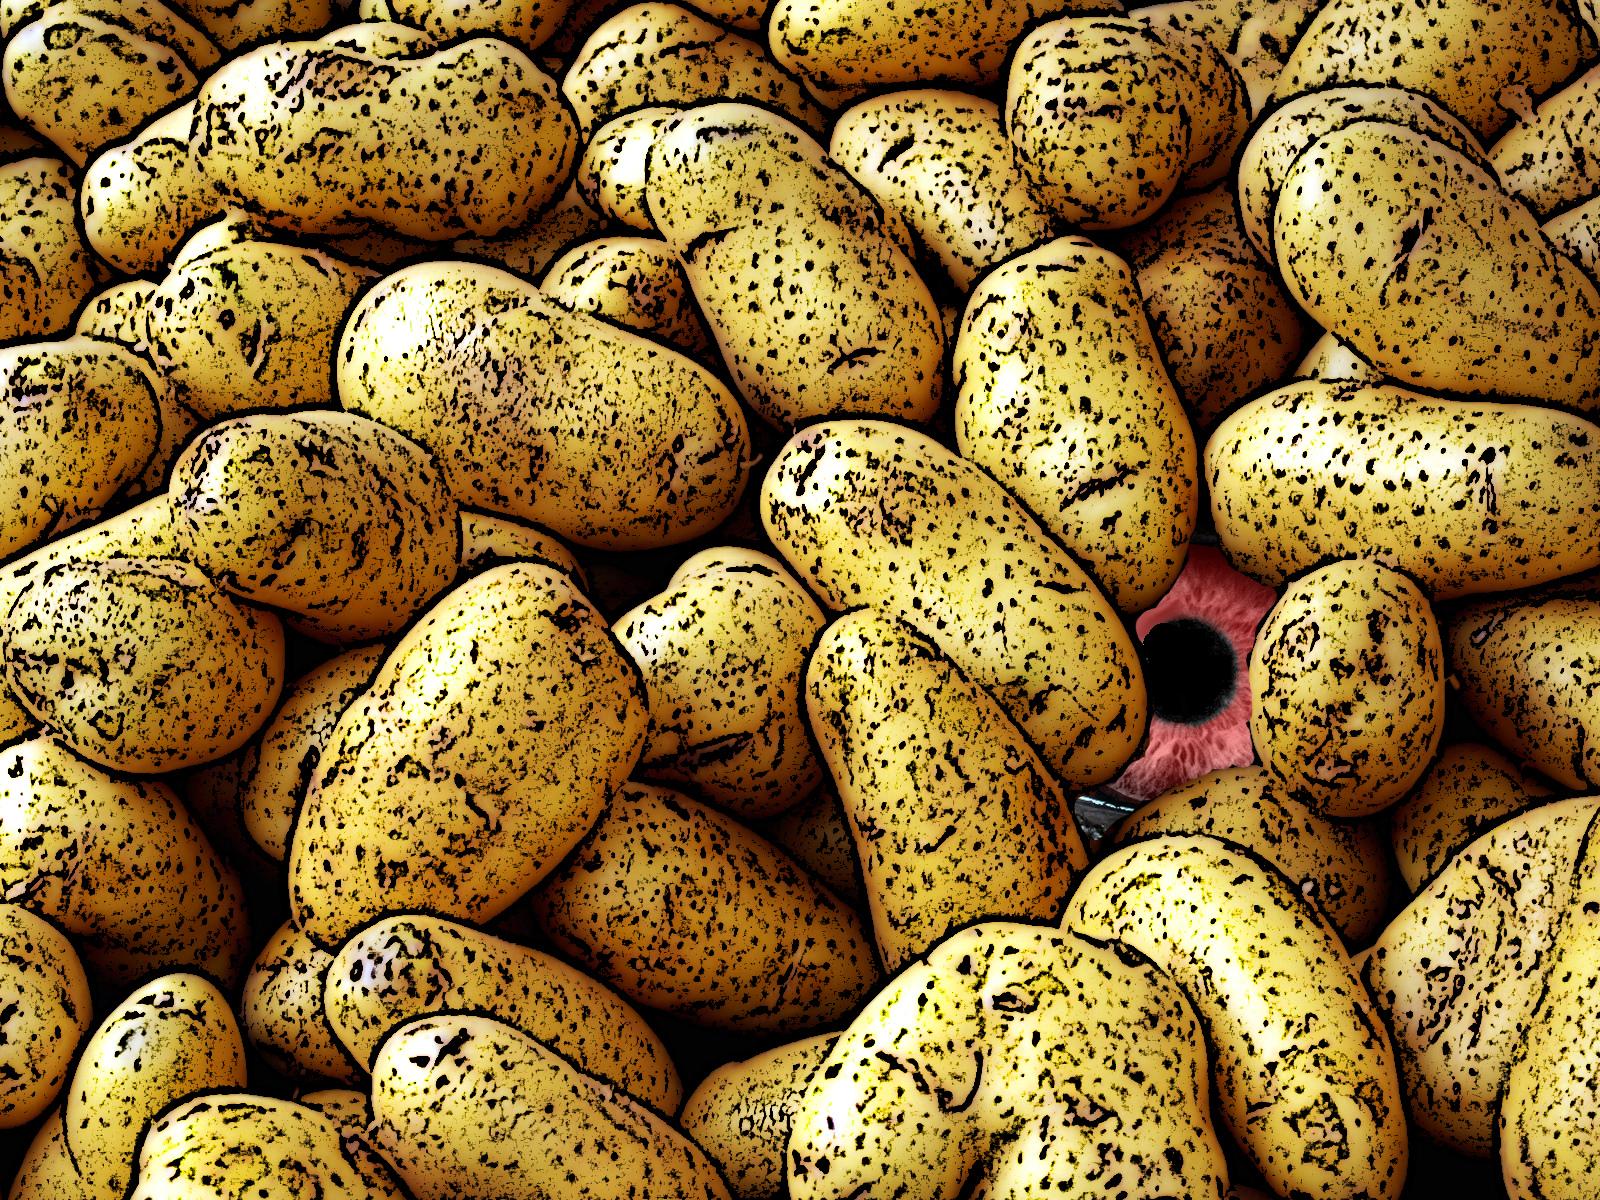 zeer kruimige aardappel